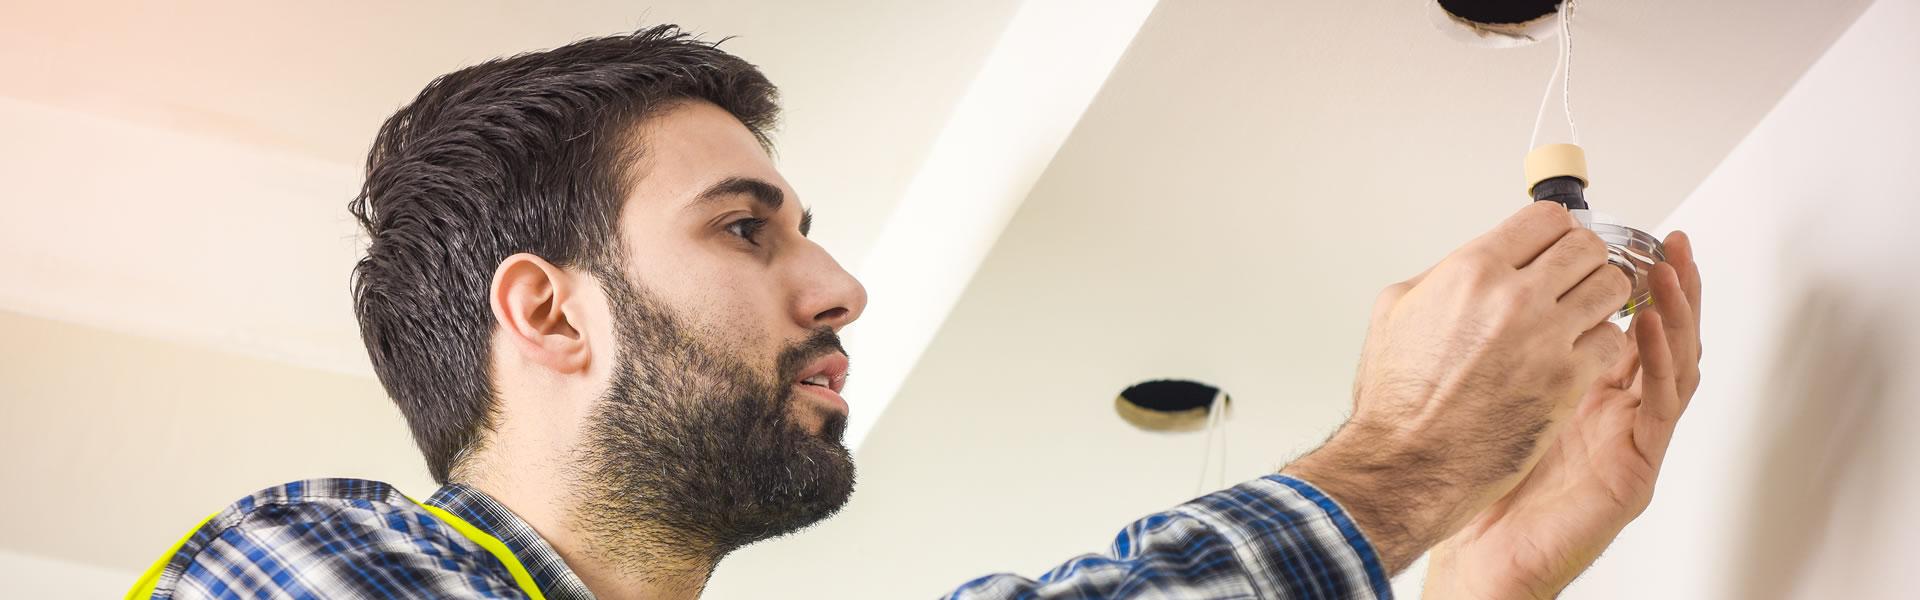 Eclairage Contre Marche Led pourquoi choisir des lampes led pour une rénovation ?